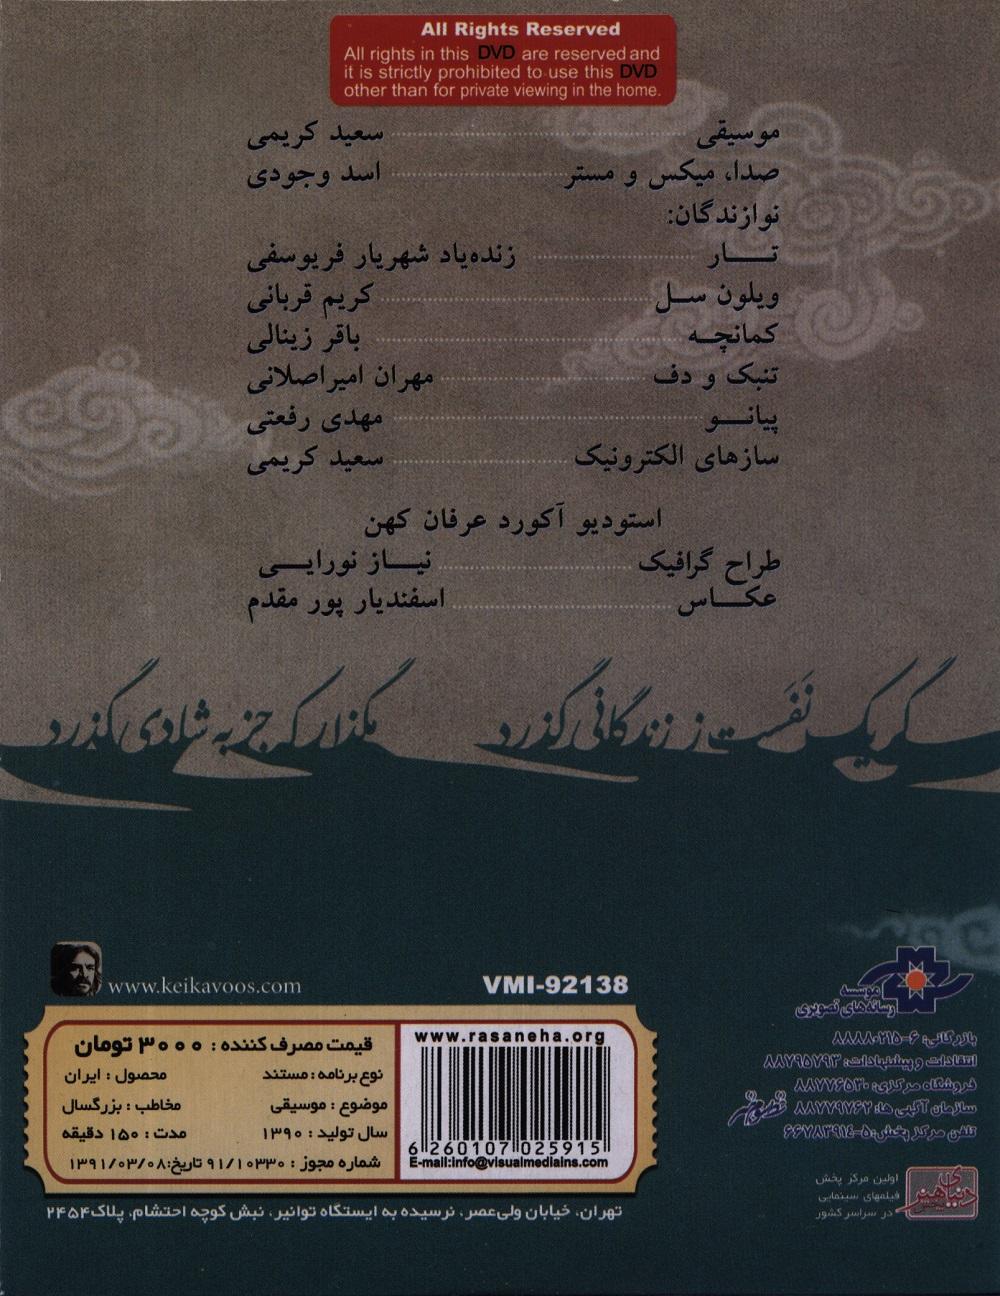 Keikavoos Yakideh Khayyam 02 دانلود آلبوم دکلمه کیکاووس یاکیده رباعیات حکیم عمر خیام